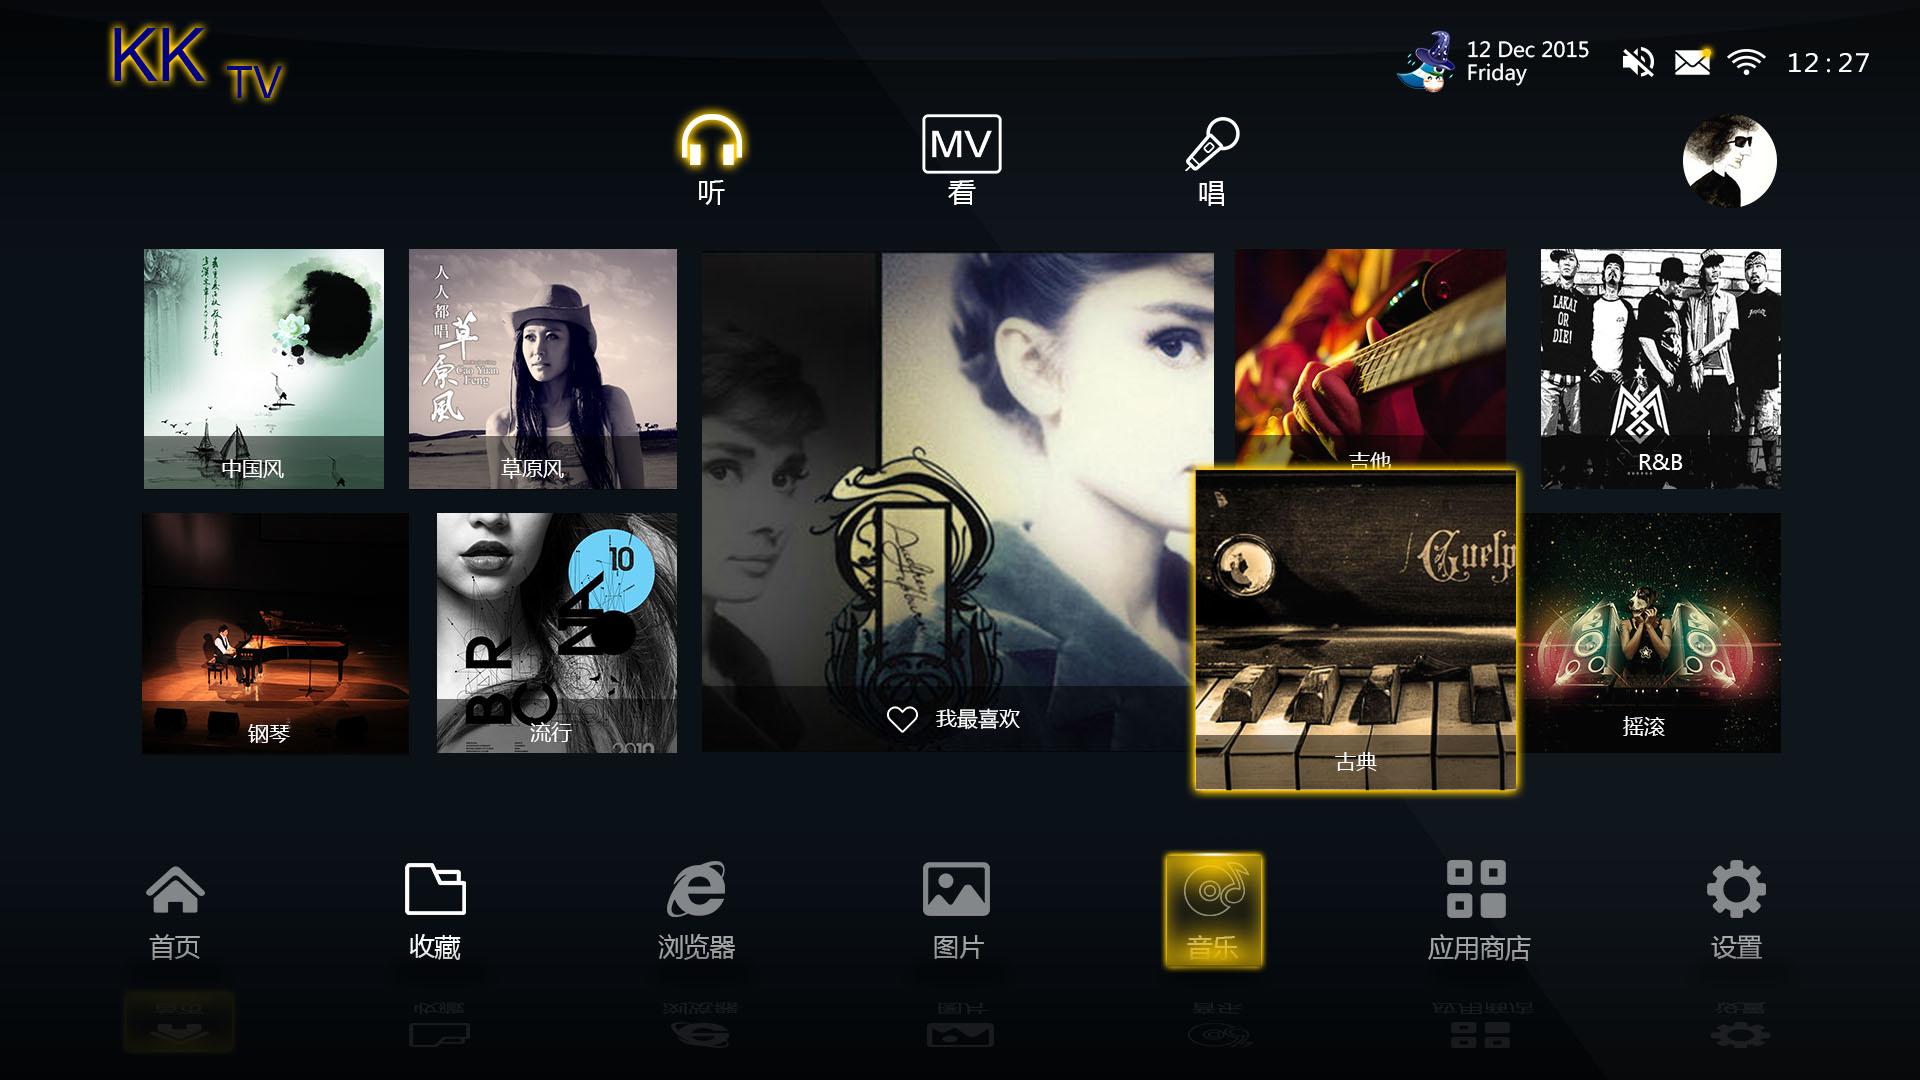 多媒体界面设计图片